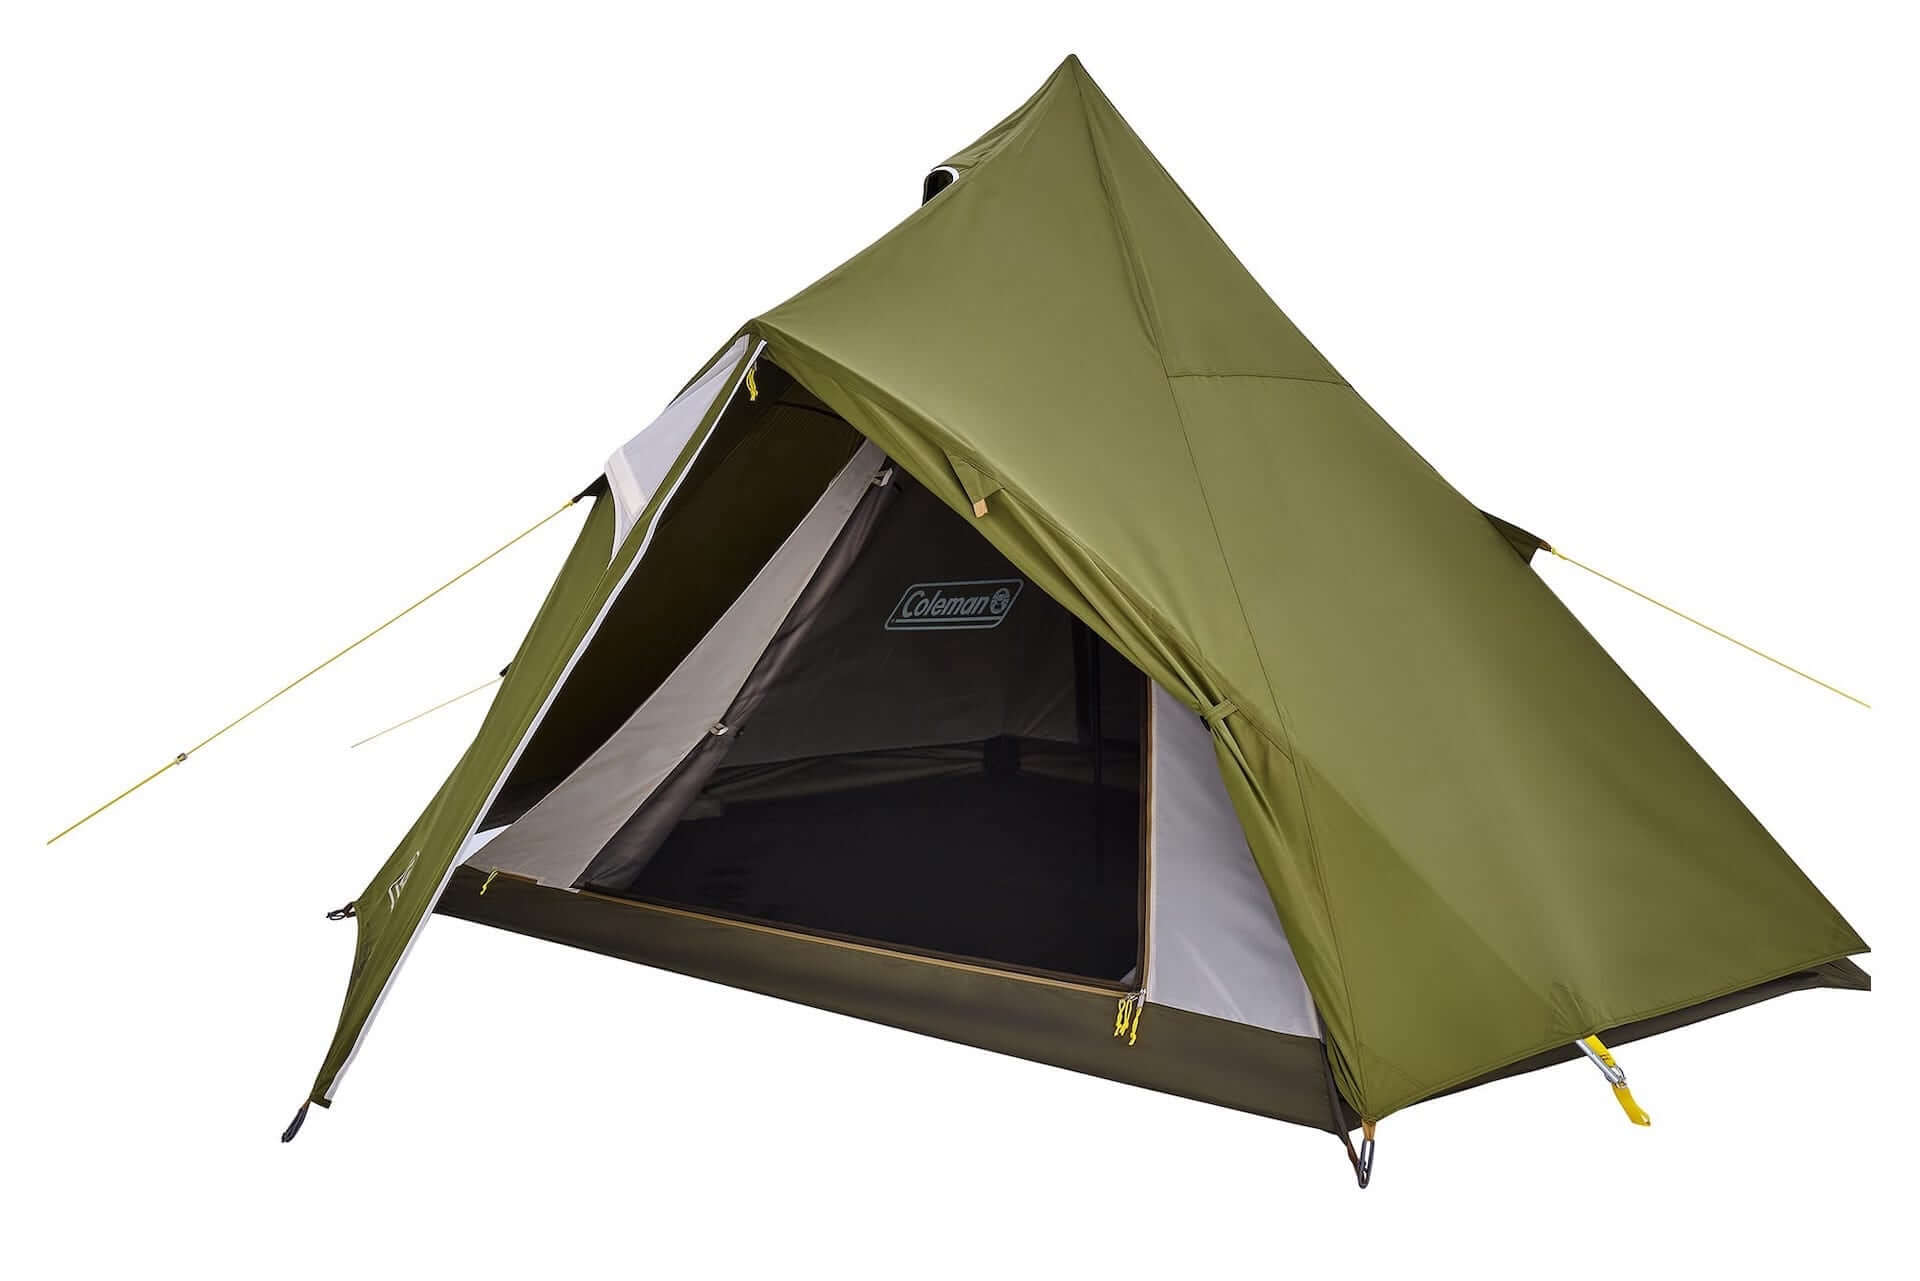 ソロキャンプにもおすすめなテント、ヘキサタープがコールマンから登場!『ツーリングドーム』『ヘキサライトⅡ』など全4種が発売決定 lf210114_coleman_9-1920x1281